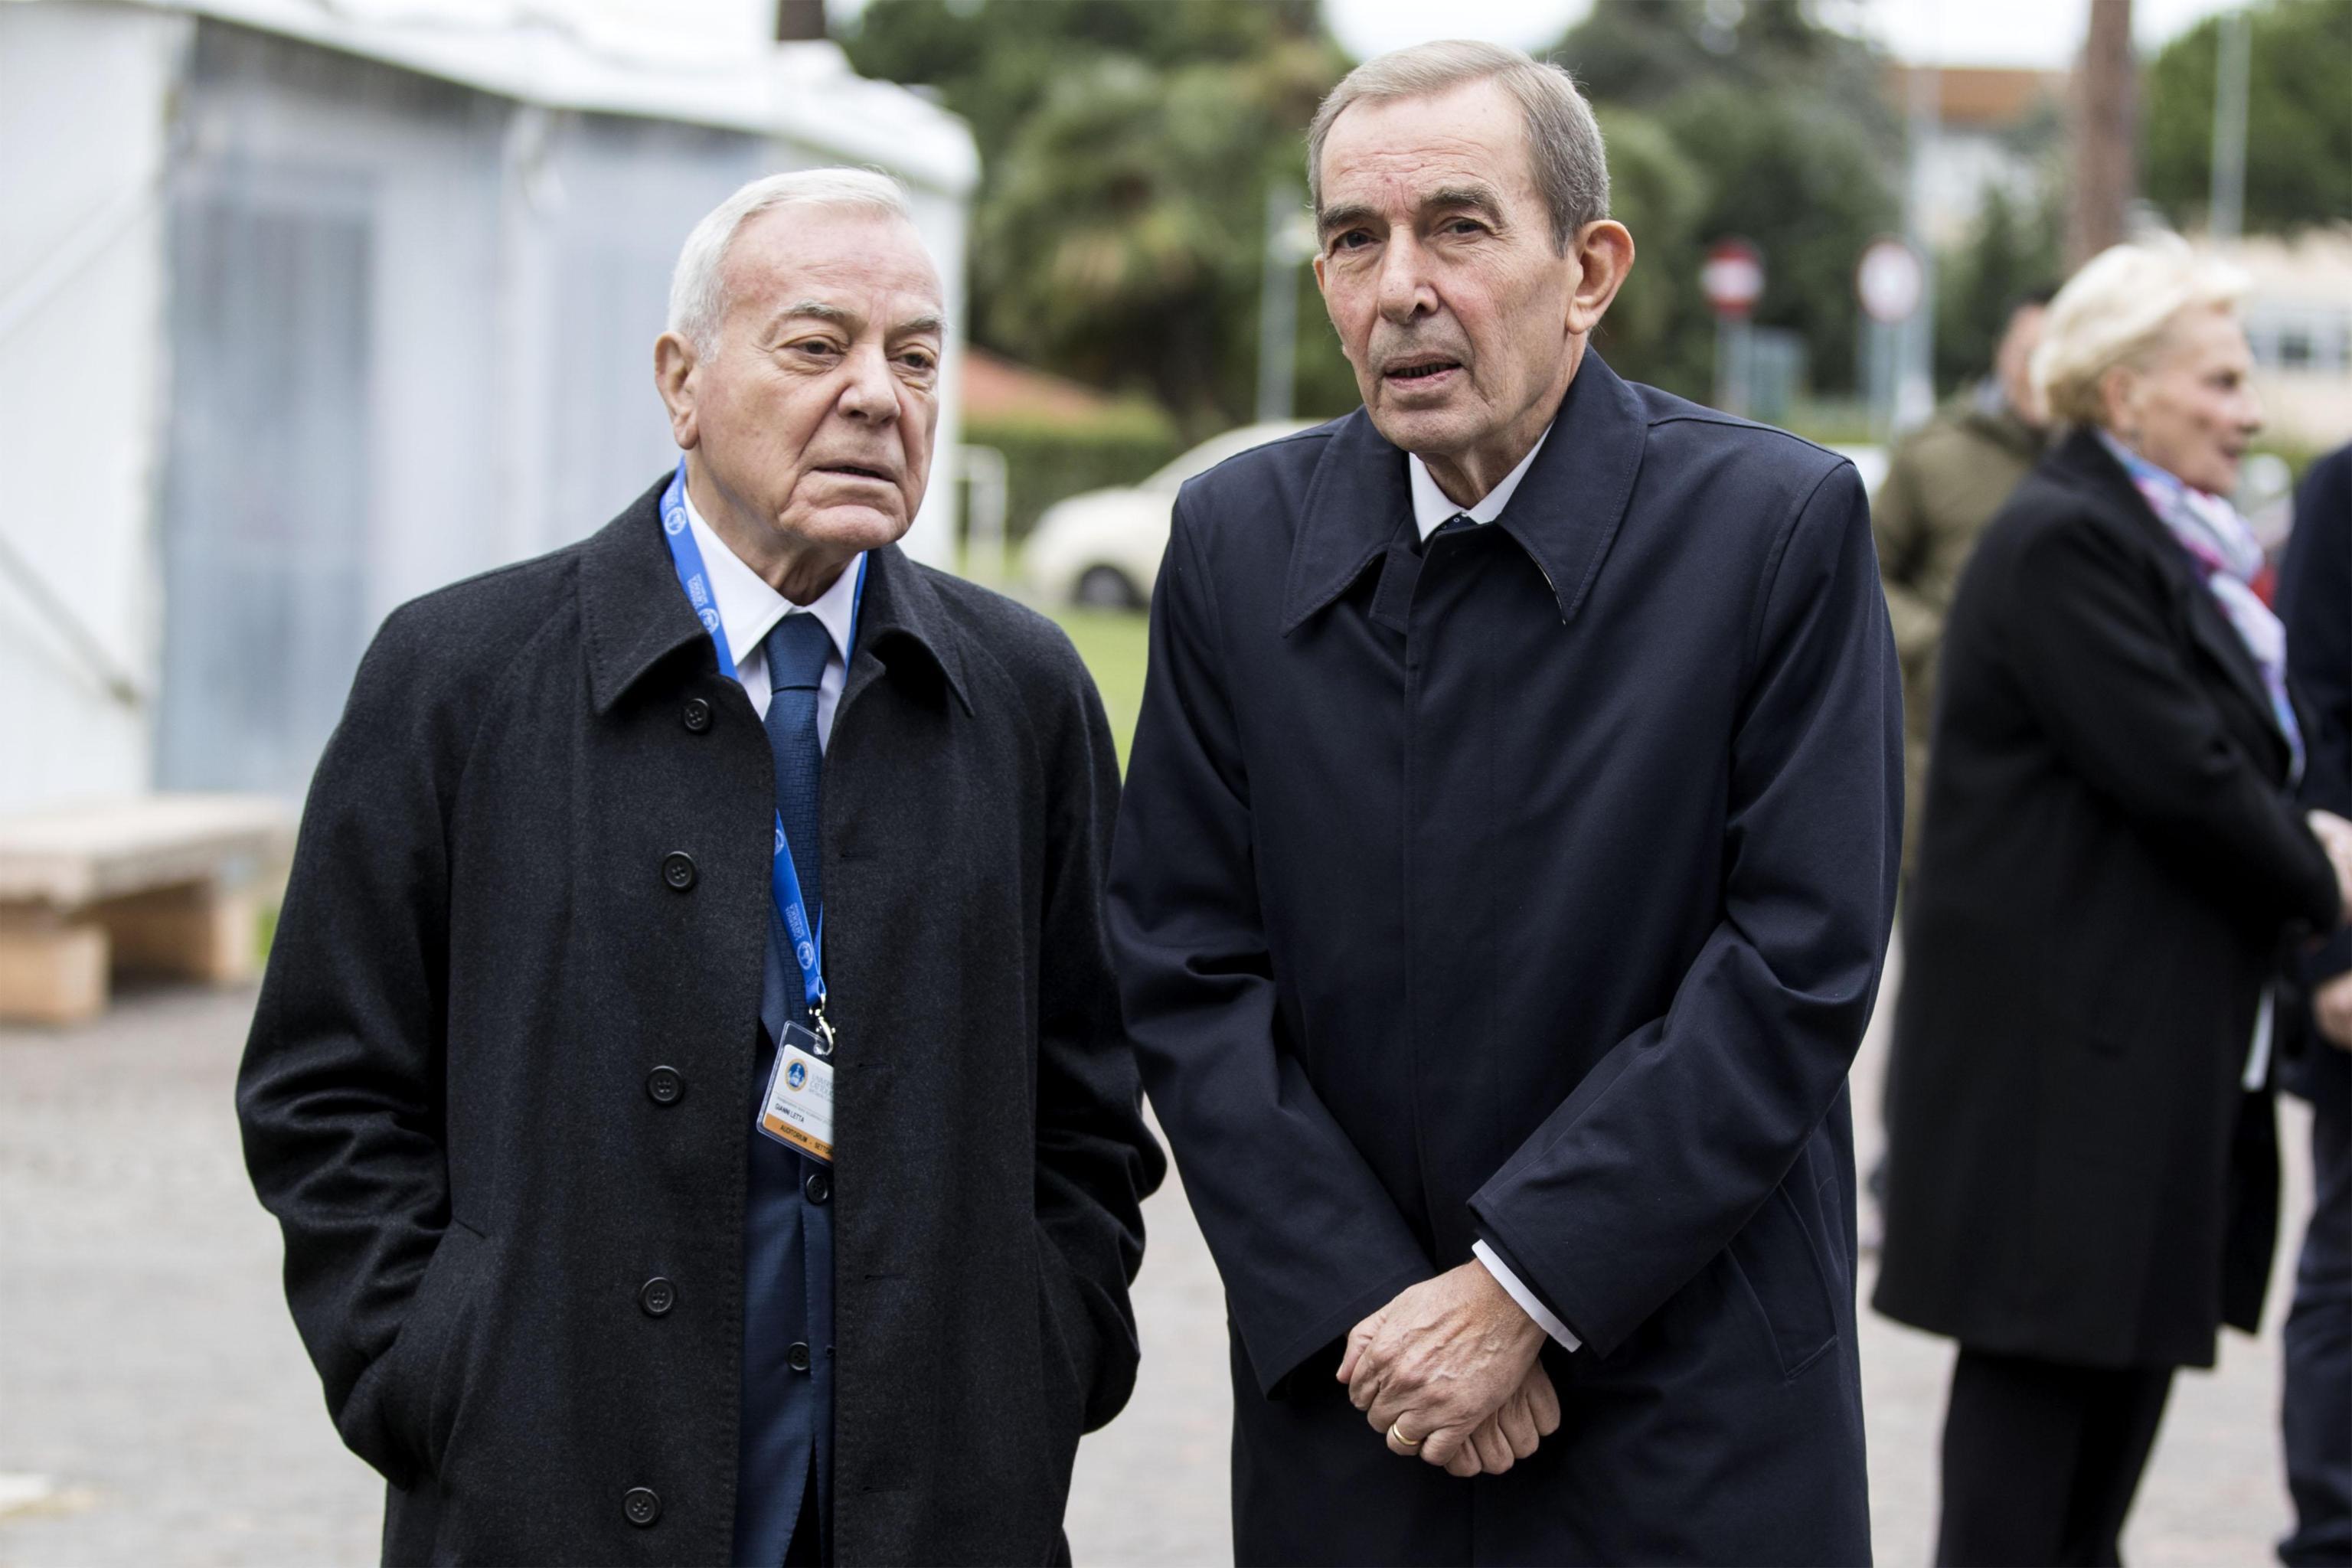 Di Maio, Gallitelli morto politicamente